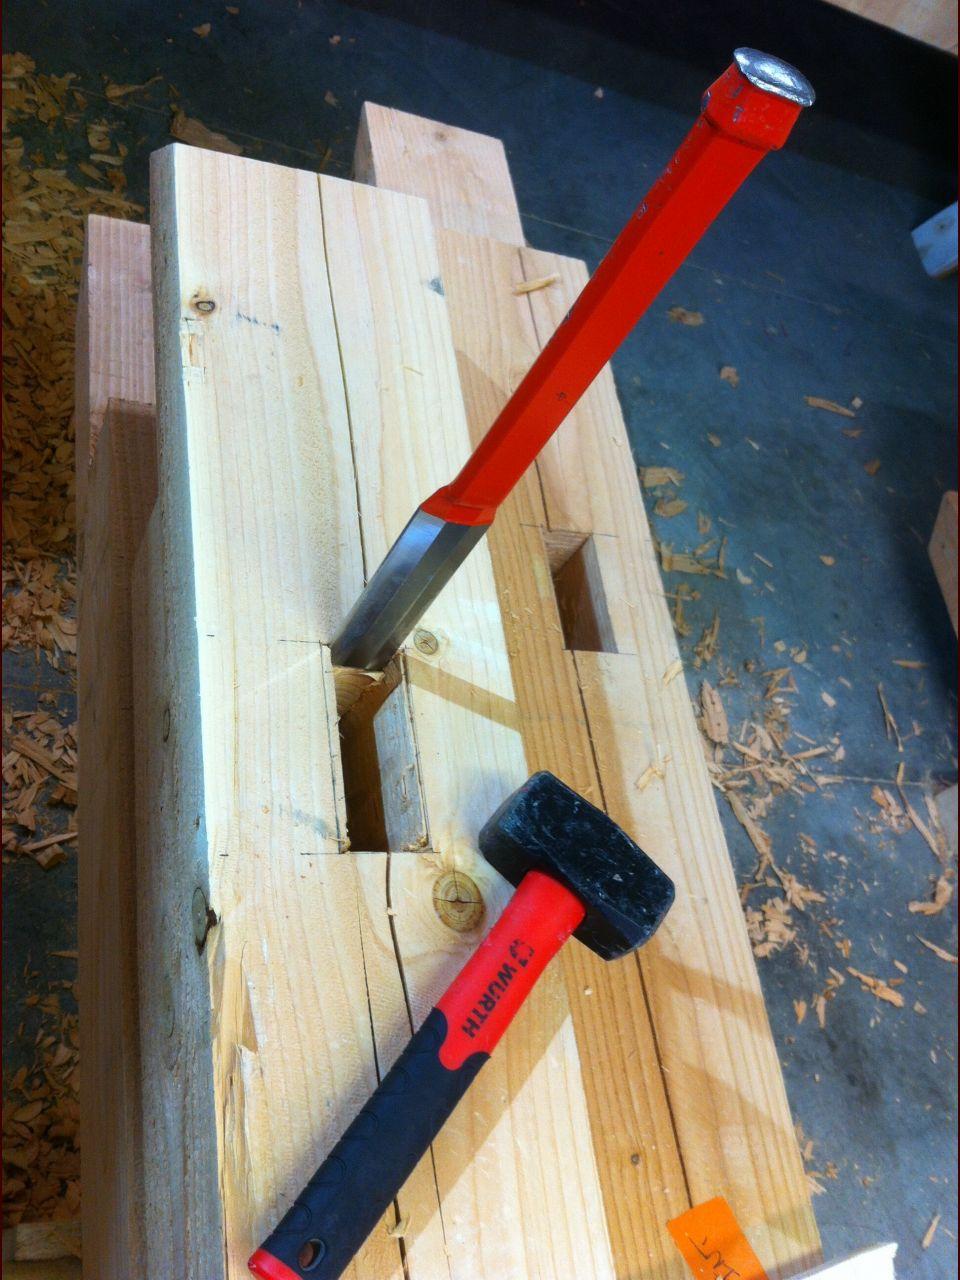 Taillage des mortaises au ciseau à bois